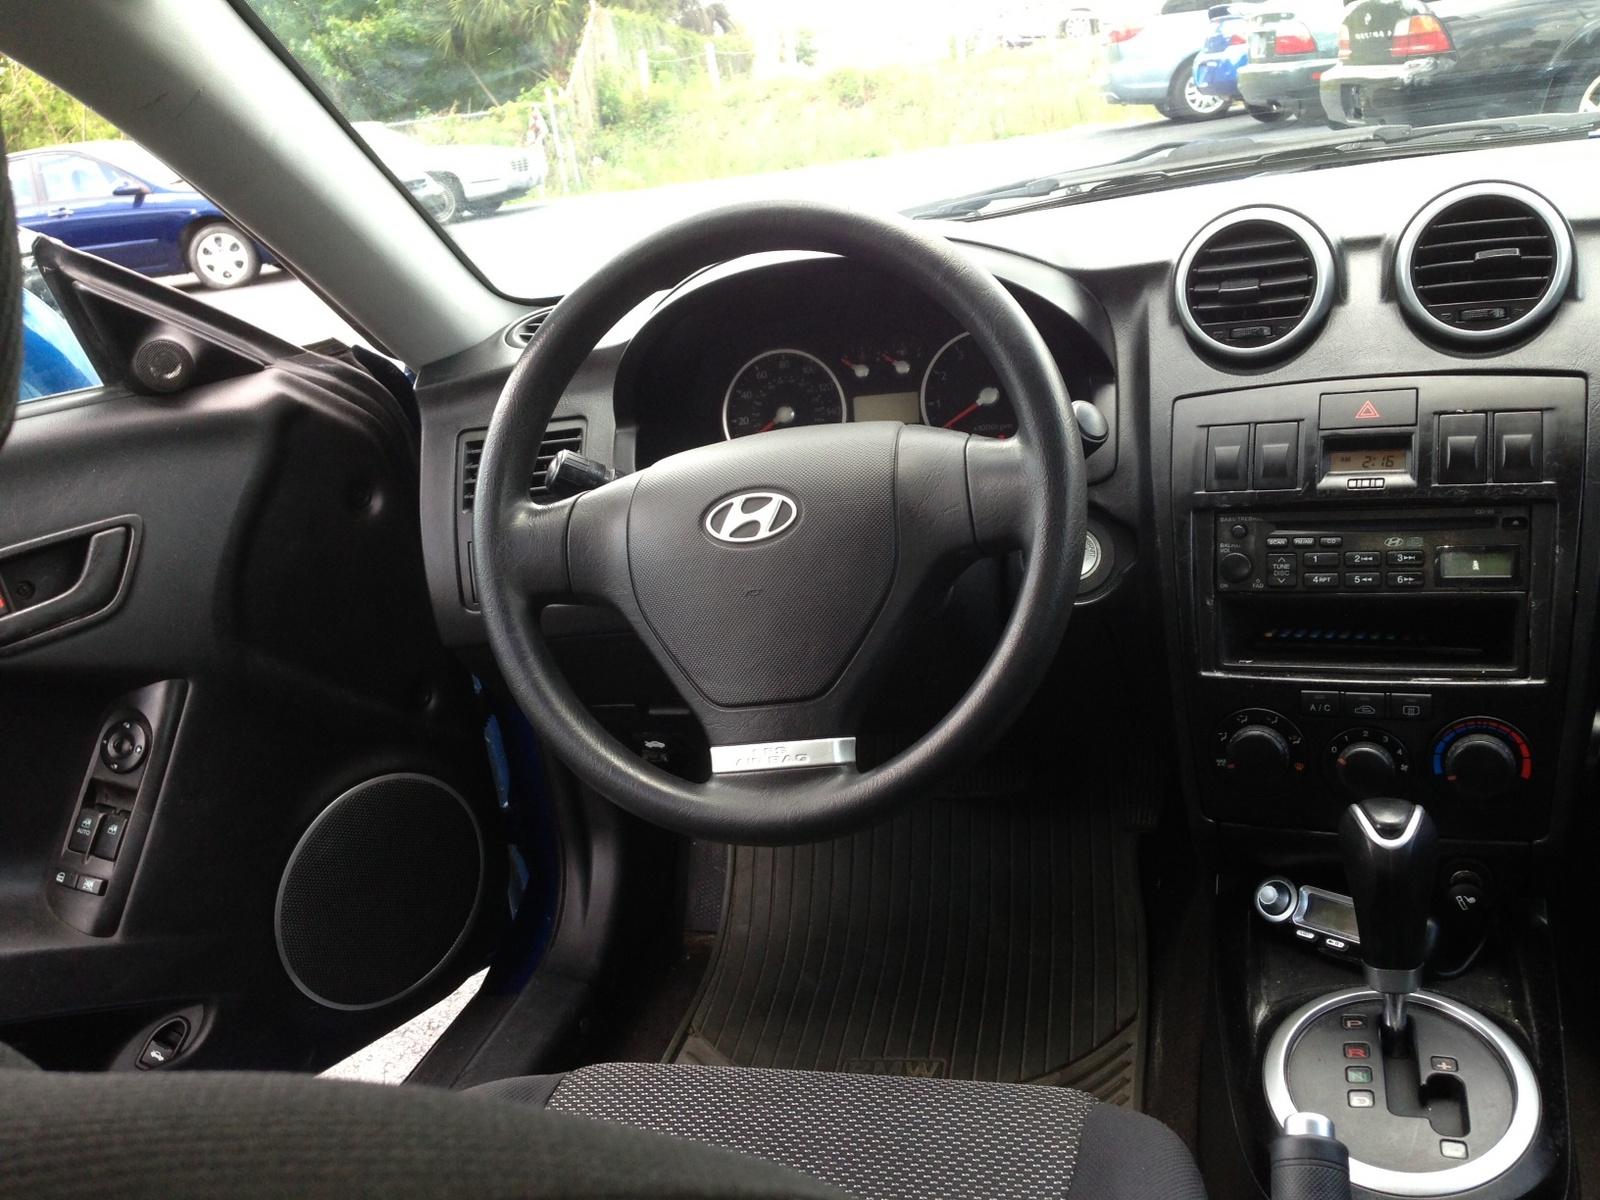 2005 Hyundai Tiburon Interior Pictures Cargurus